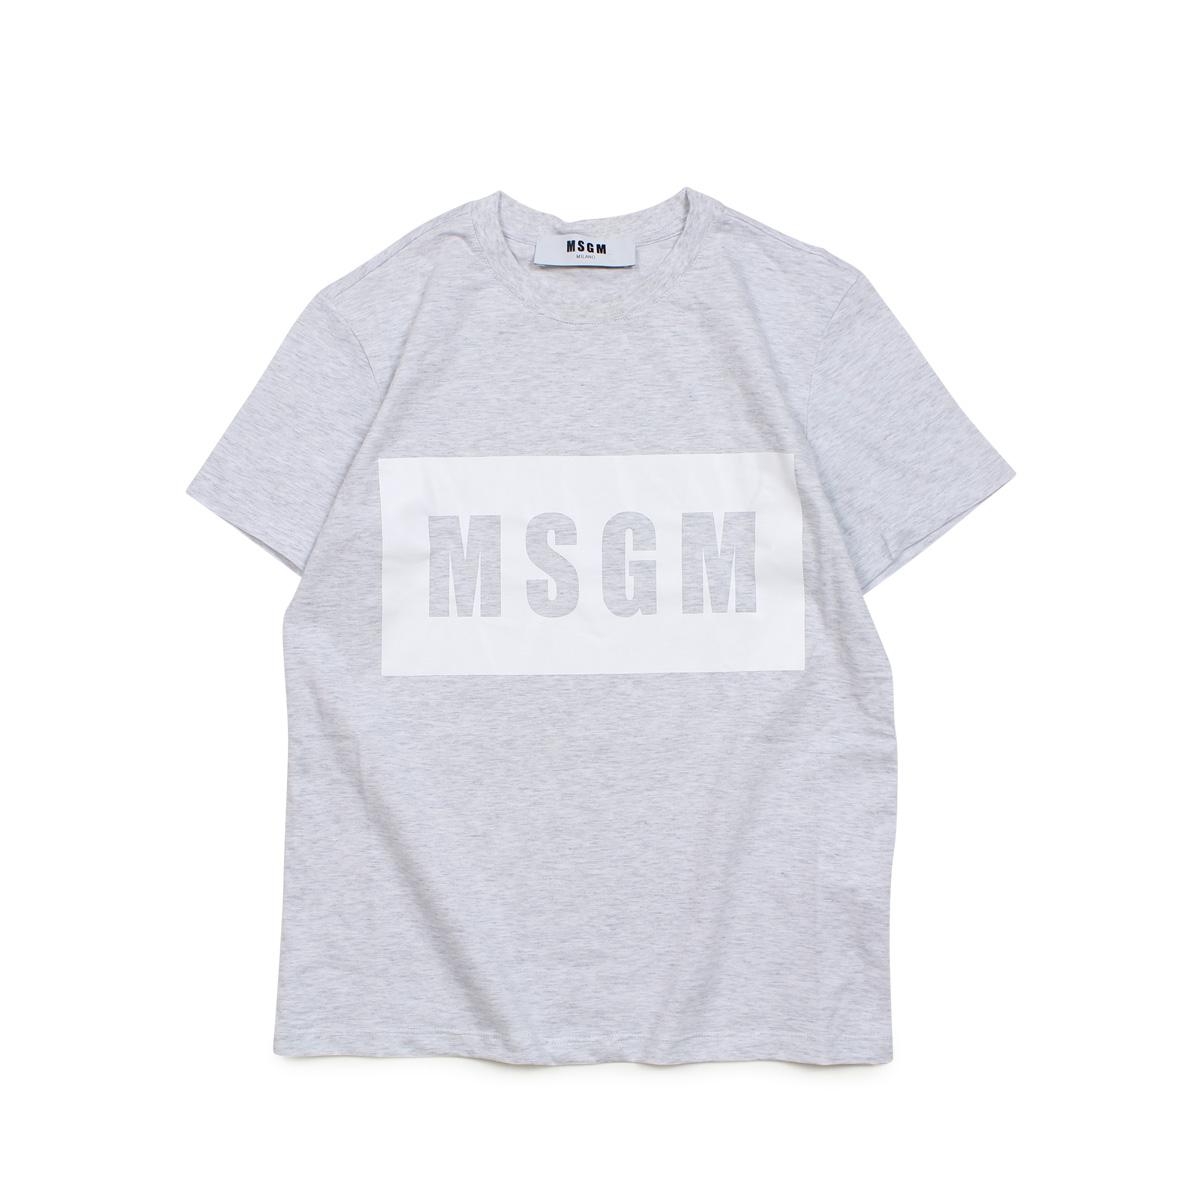 MSGM BOX LOGO T-SHIRTS エムエスジーエム Tシャツ 半袖 レディース グレー MDM95 94